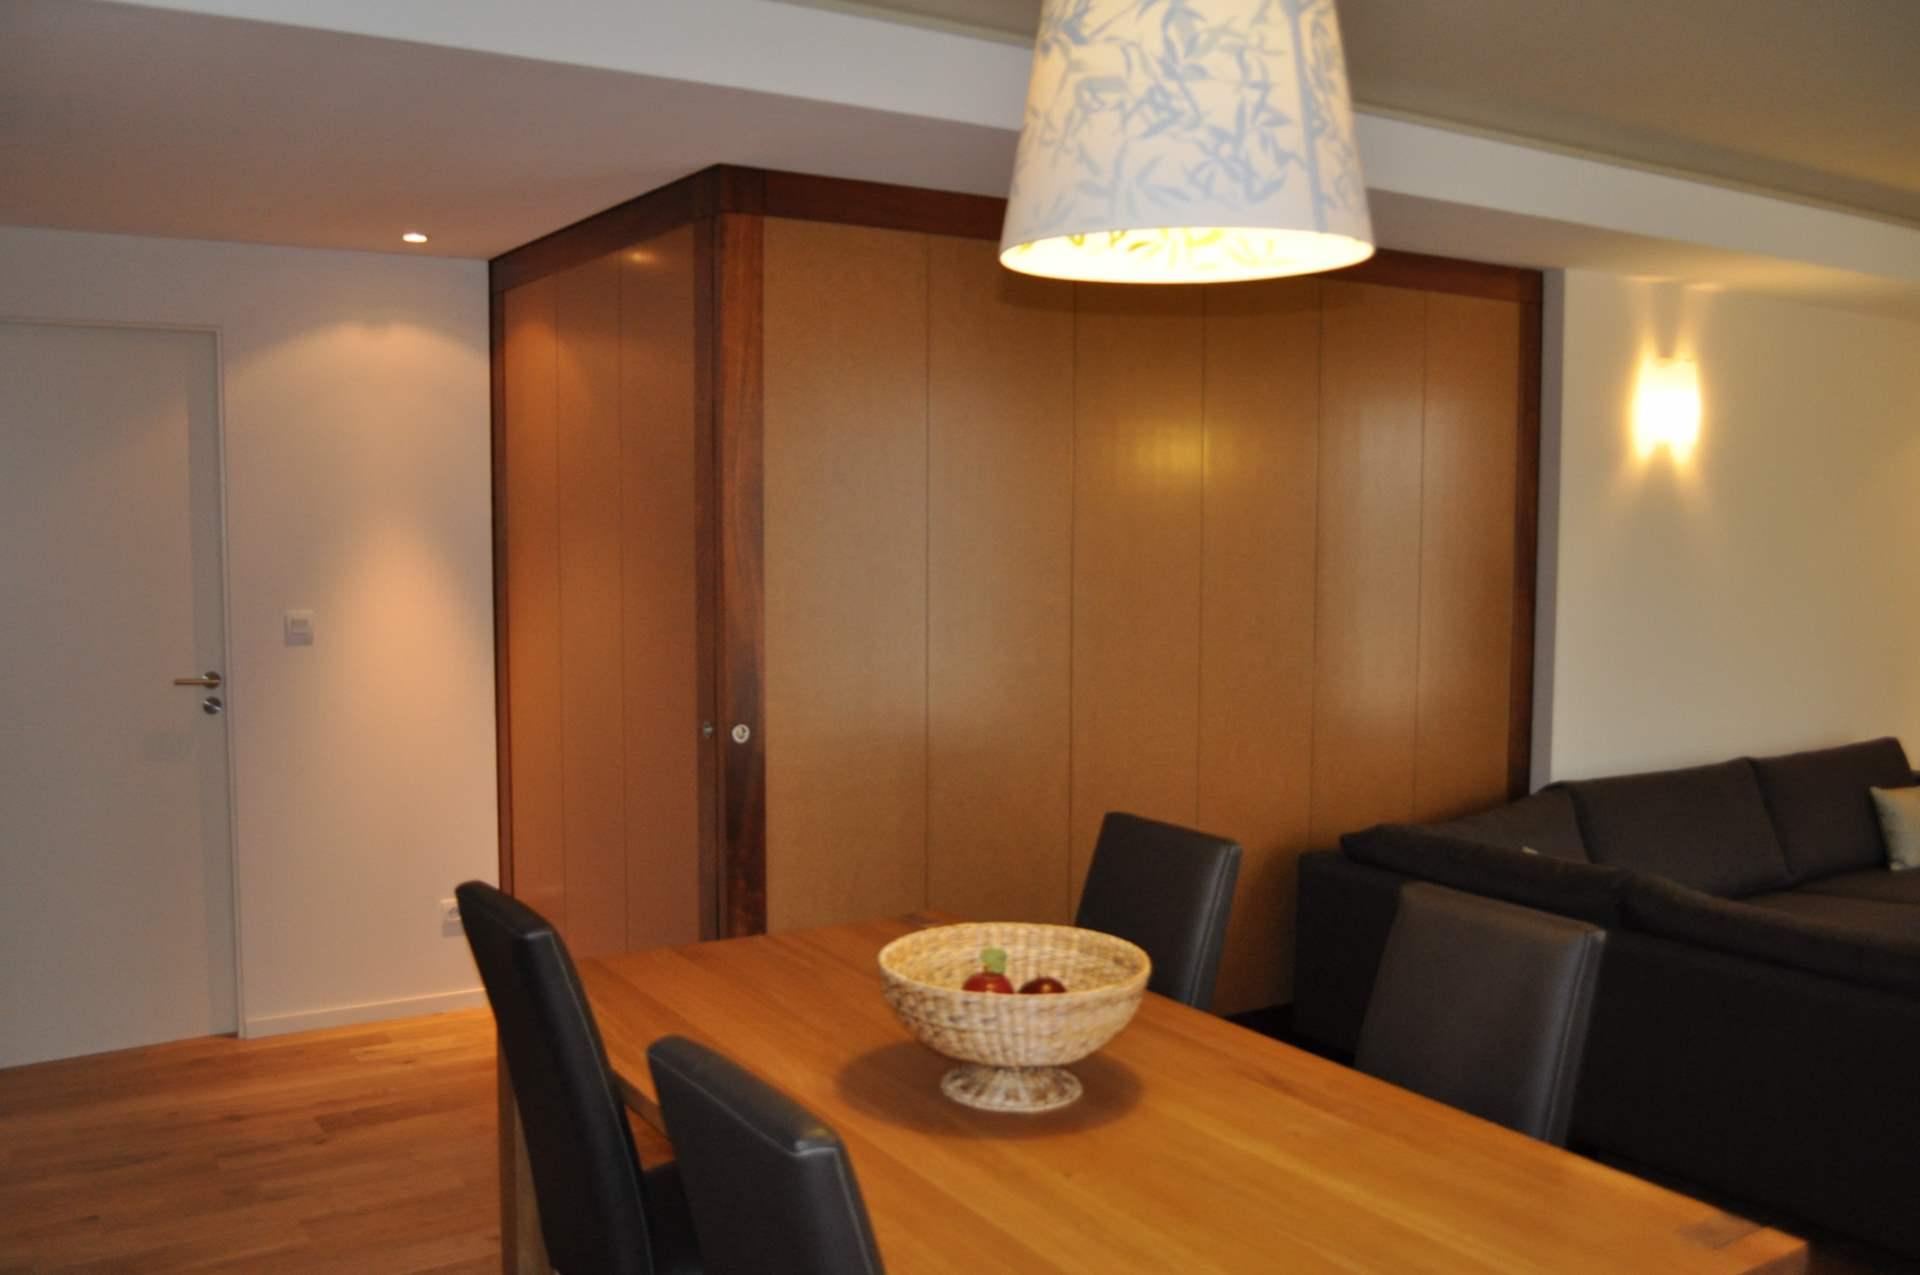 cloison escamotable une cloison amovible entre luentre et le sjour with cloison escamotable. Black Bedroom Furniture Sets. Home Design Ideas